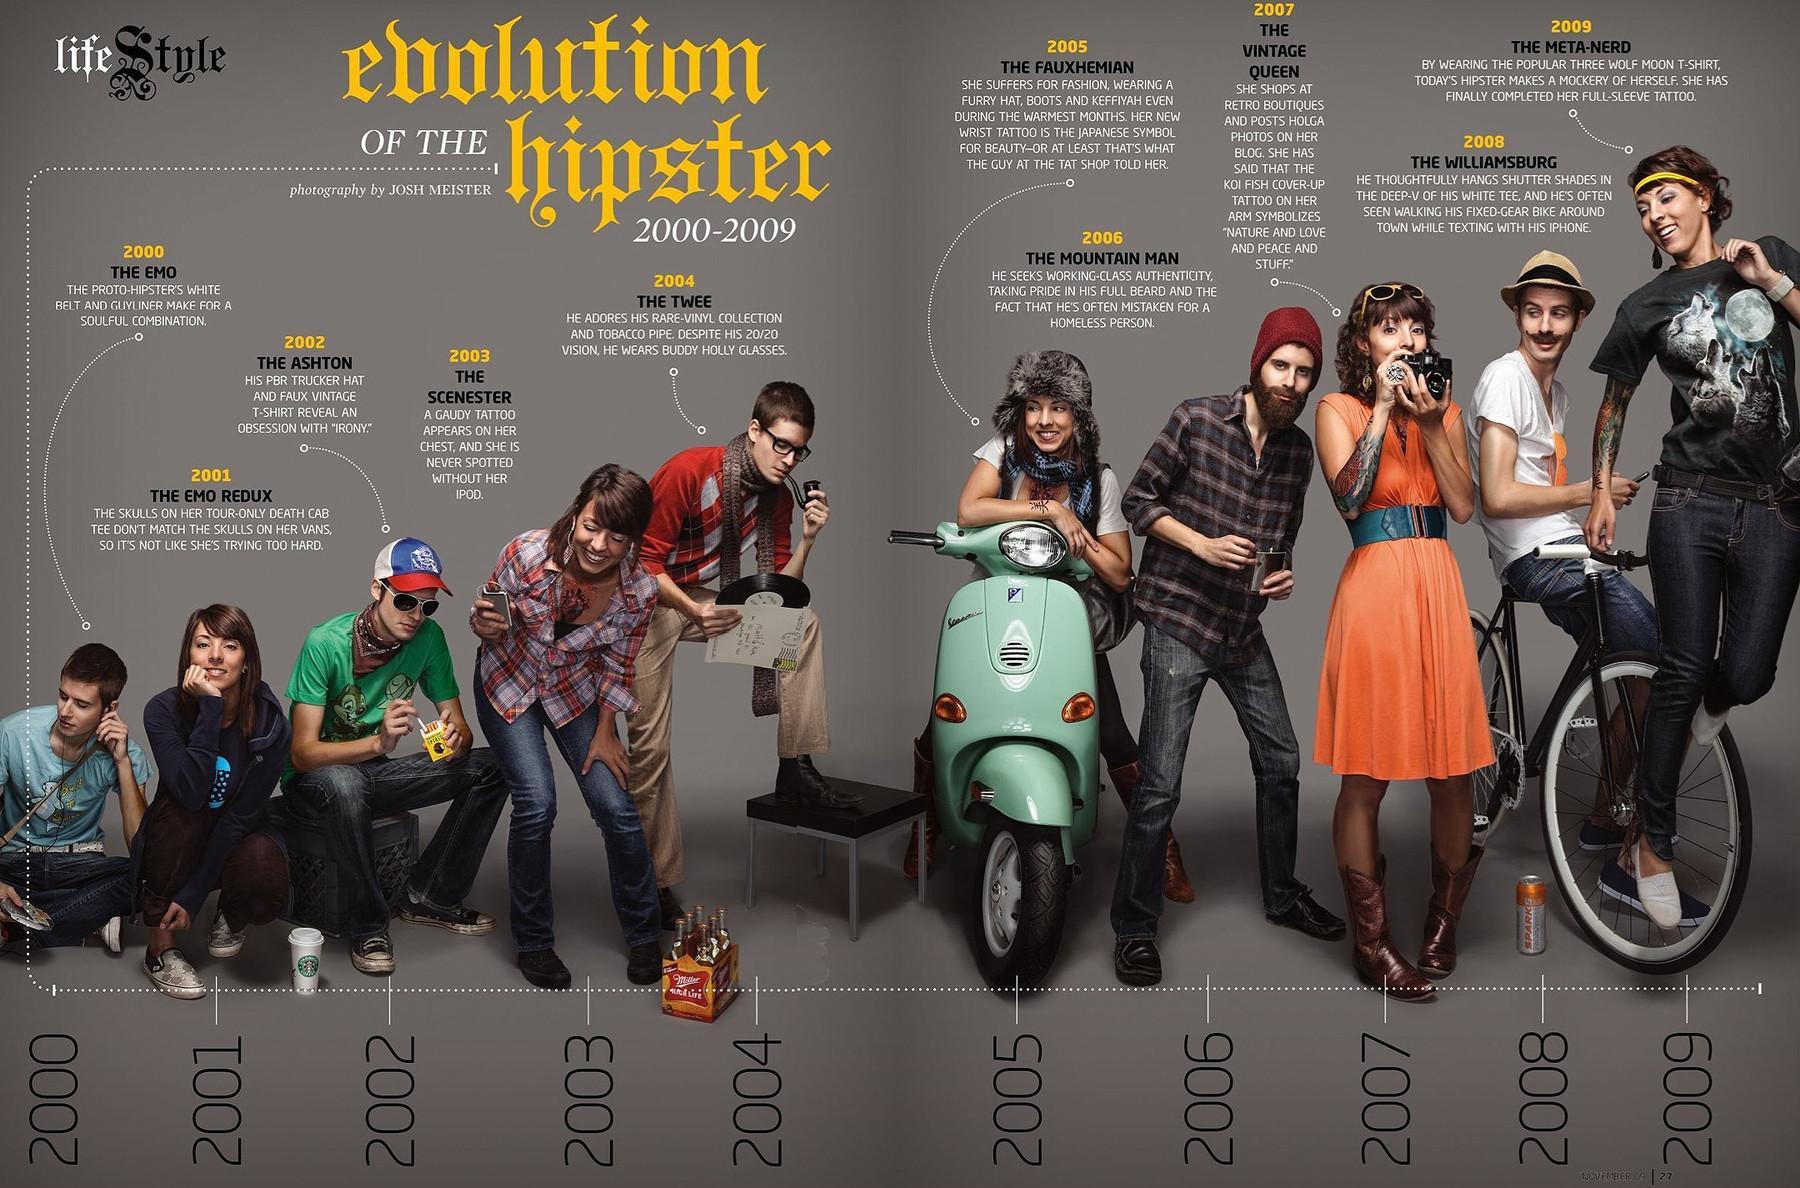 hipster.jpg (1800×1188)